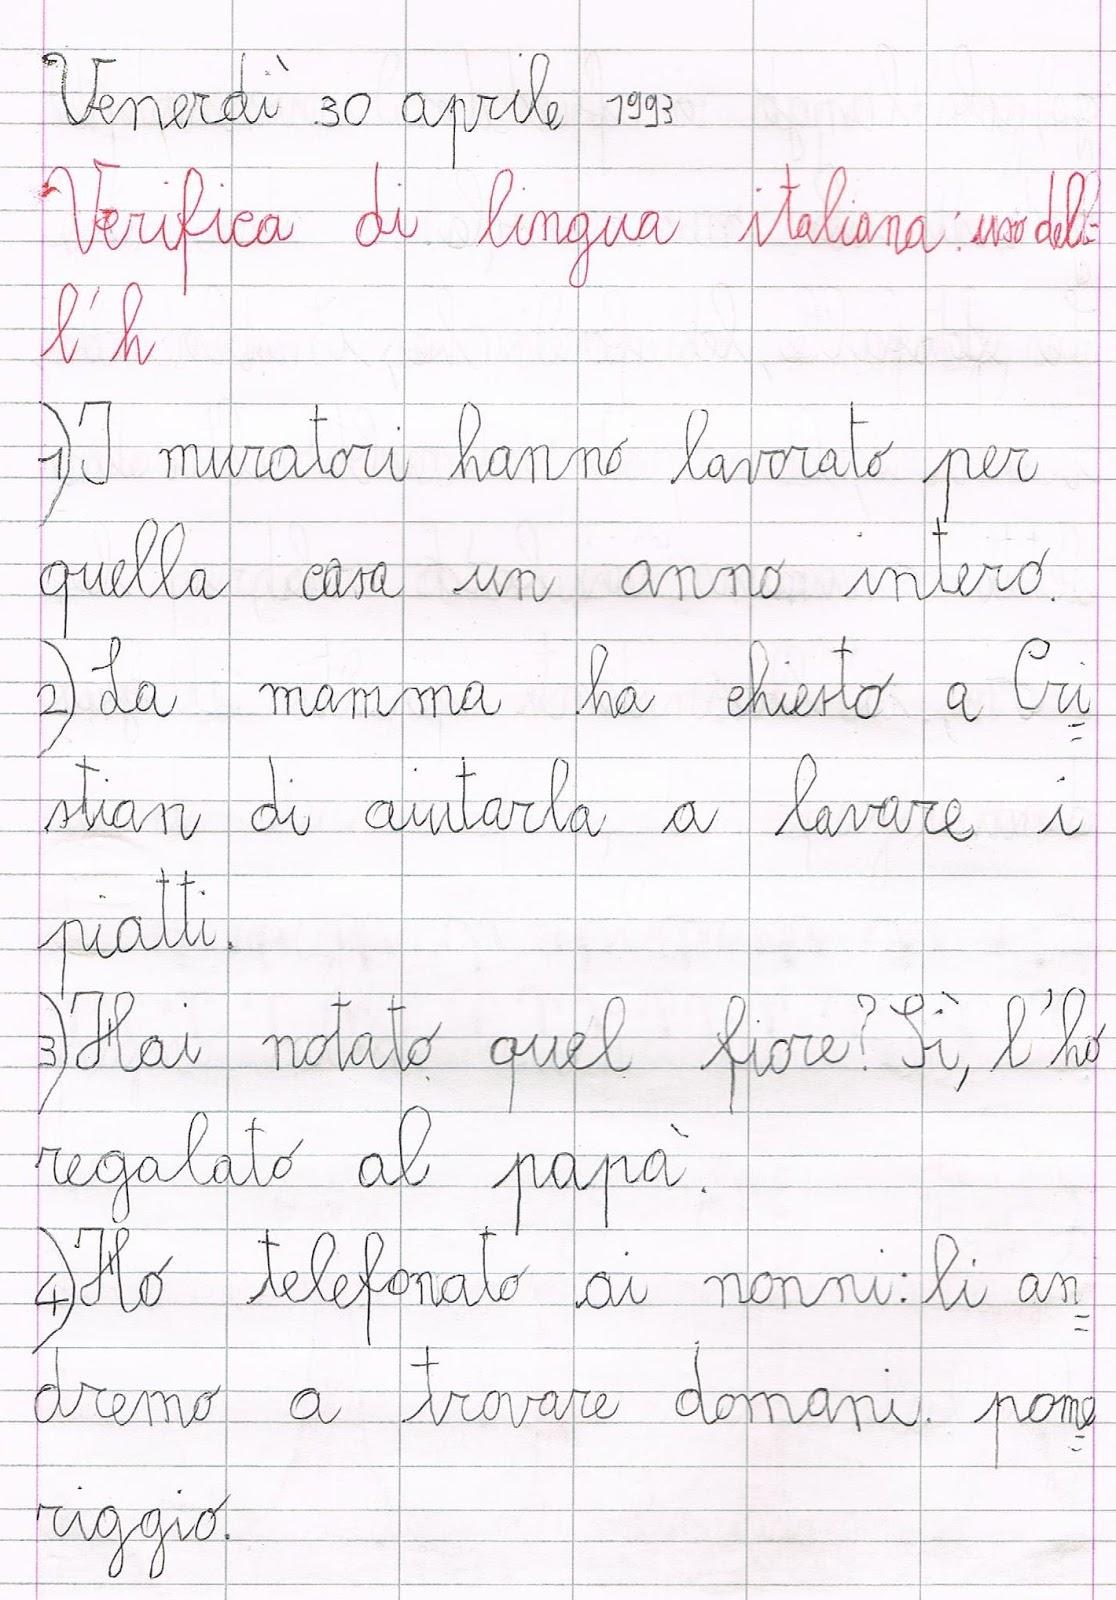 Conosciuto La lettera h: spiegazioni ed esercizi di verifica d'ortografia. YB25